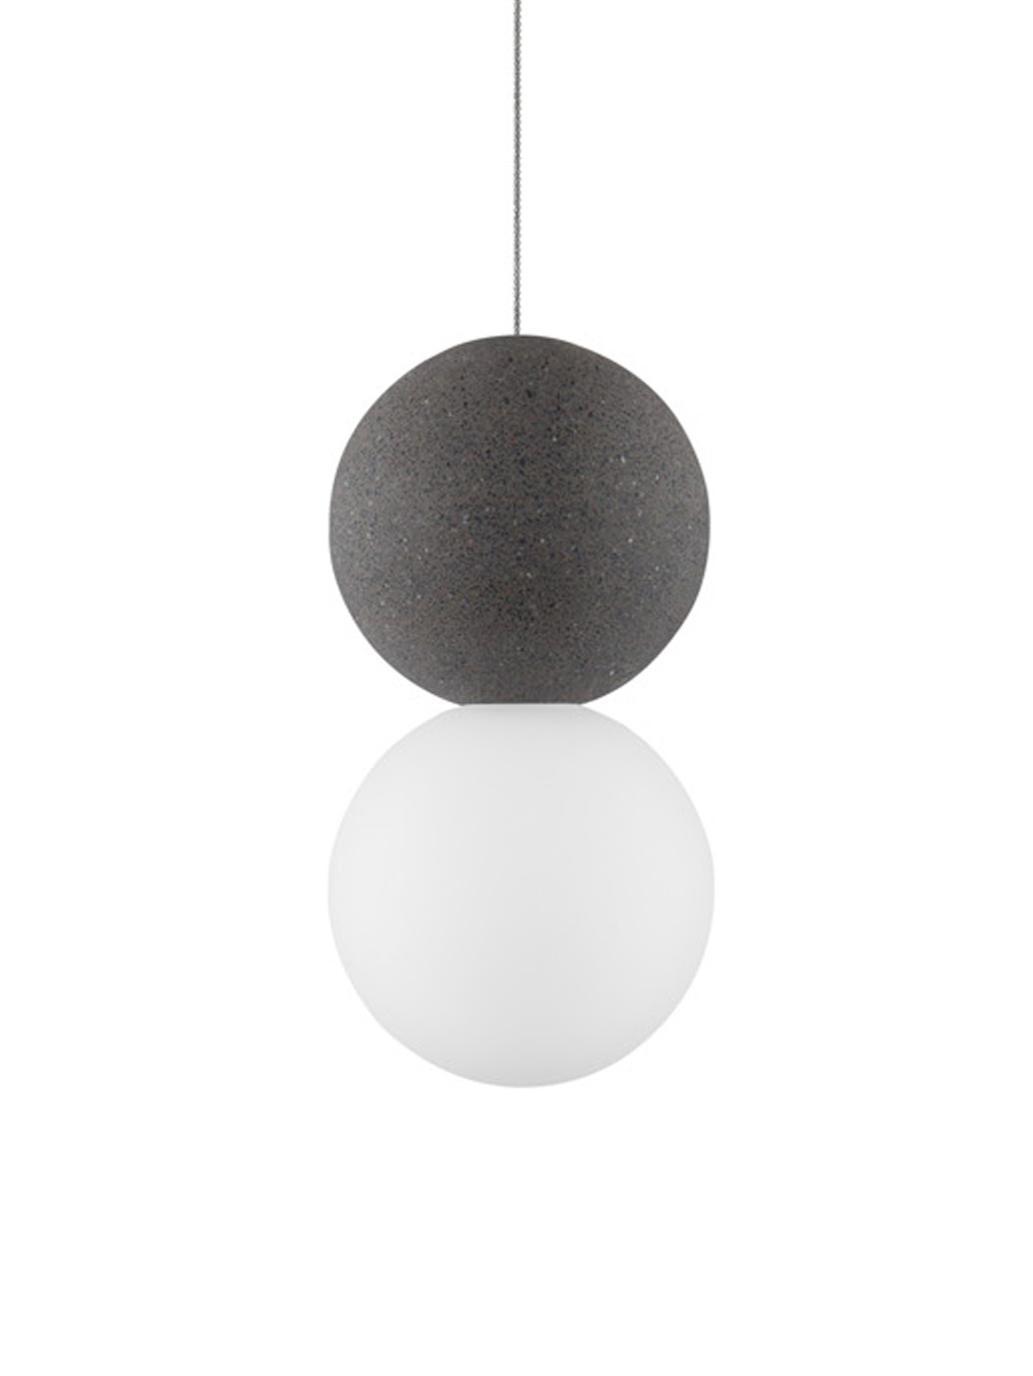 Lampada a sospensione in vetro opale Zero, Paralume: terrazzo, vetro opale, Baldacchino: alluminio rivestito, Bianco, grigio, Ø 10 x Alt. 120 cm